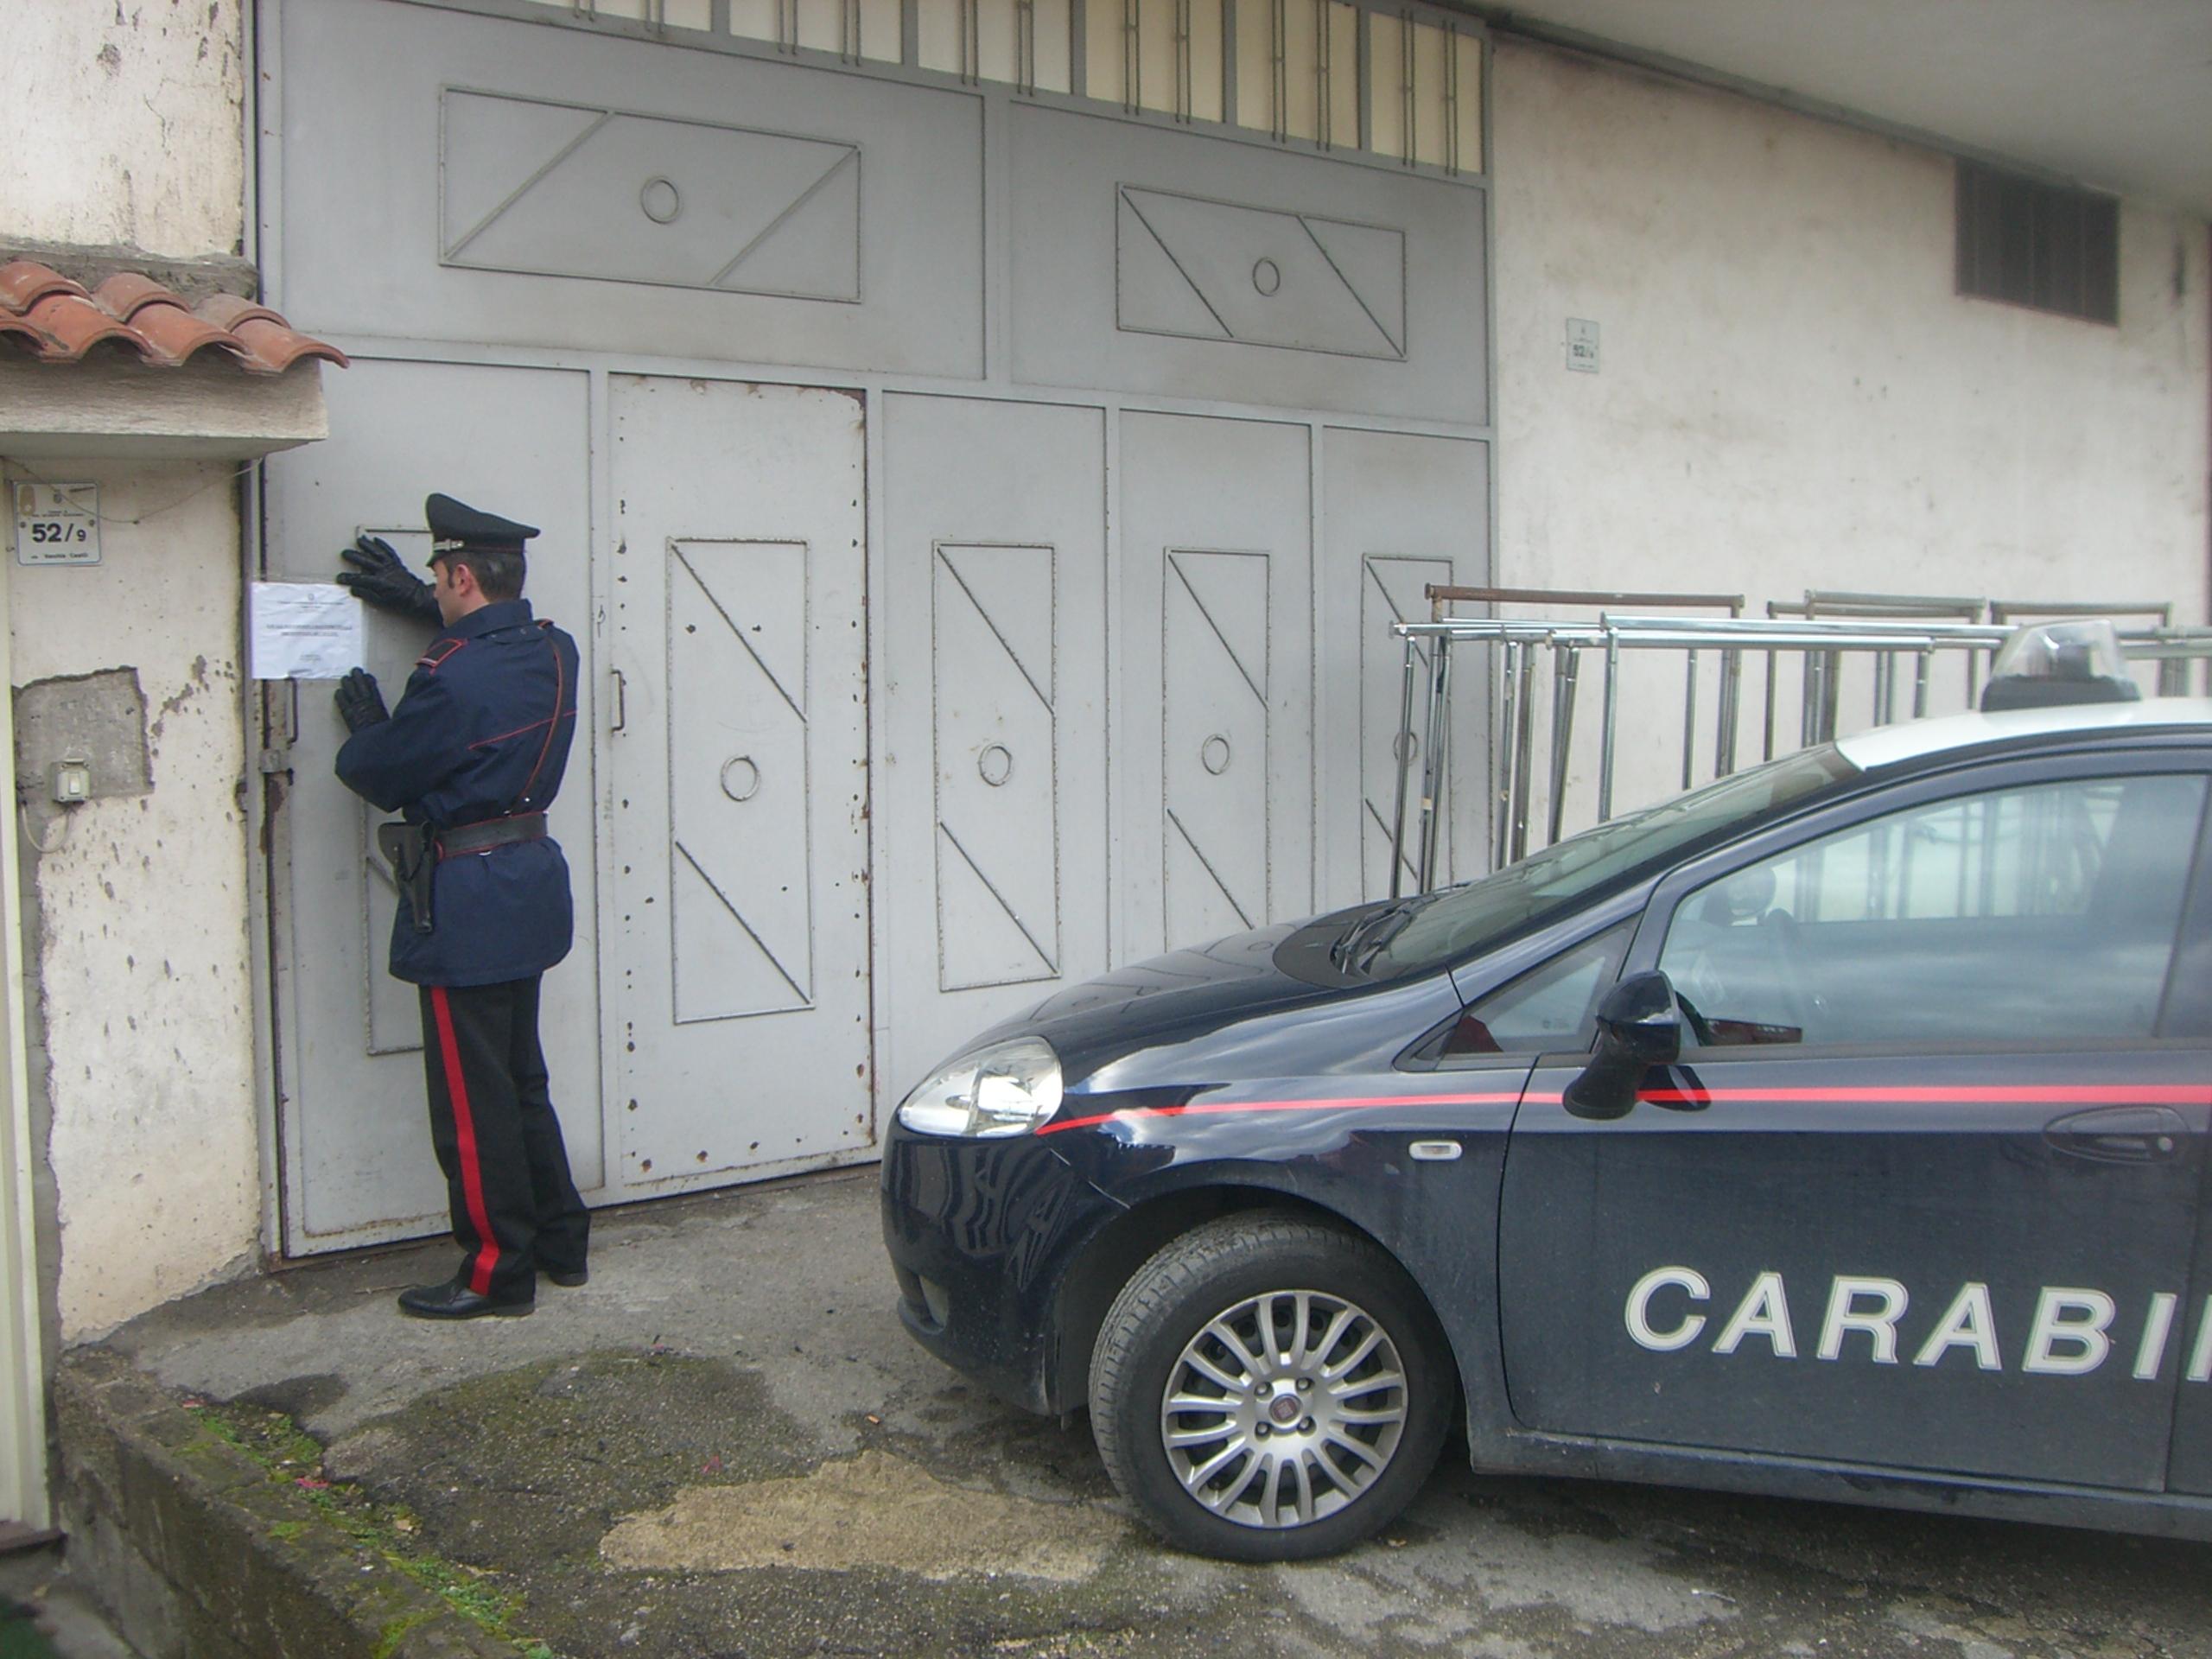 Ingrosso Tappeti San Giuseppe Vesuviano maresciallo giuseppe sannino | blog di pino cerciello | pagina 8